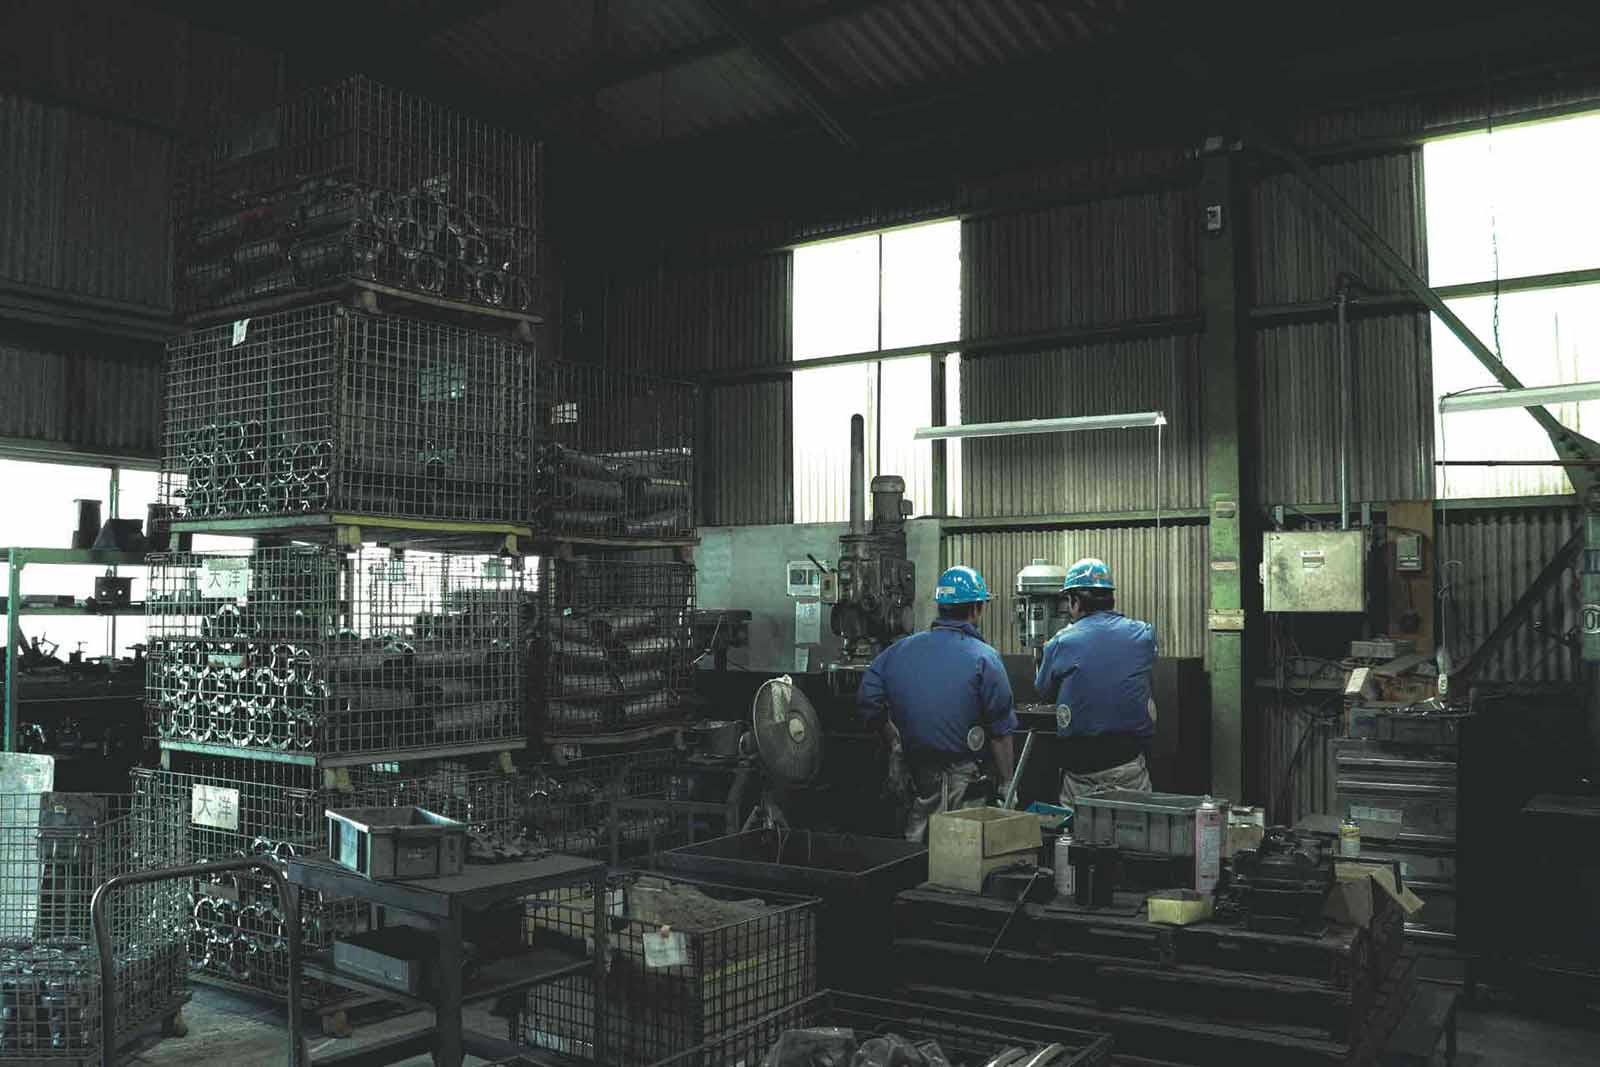 鋳物製造ヘッダー画像2